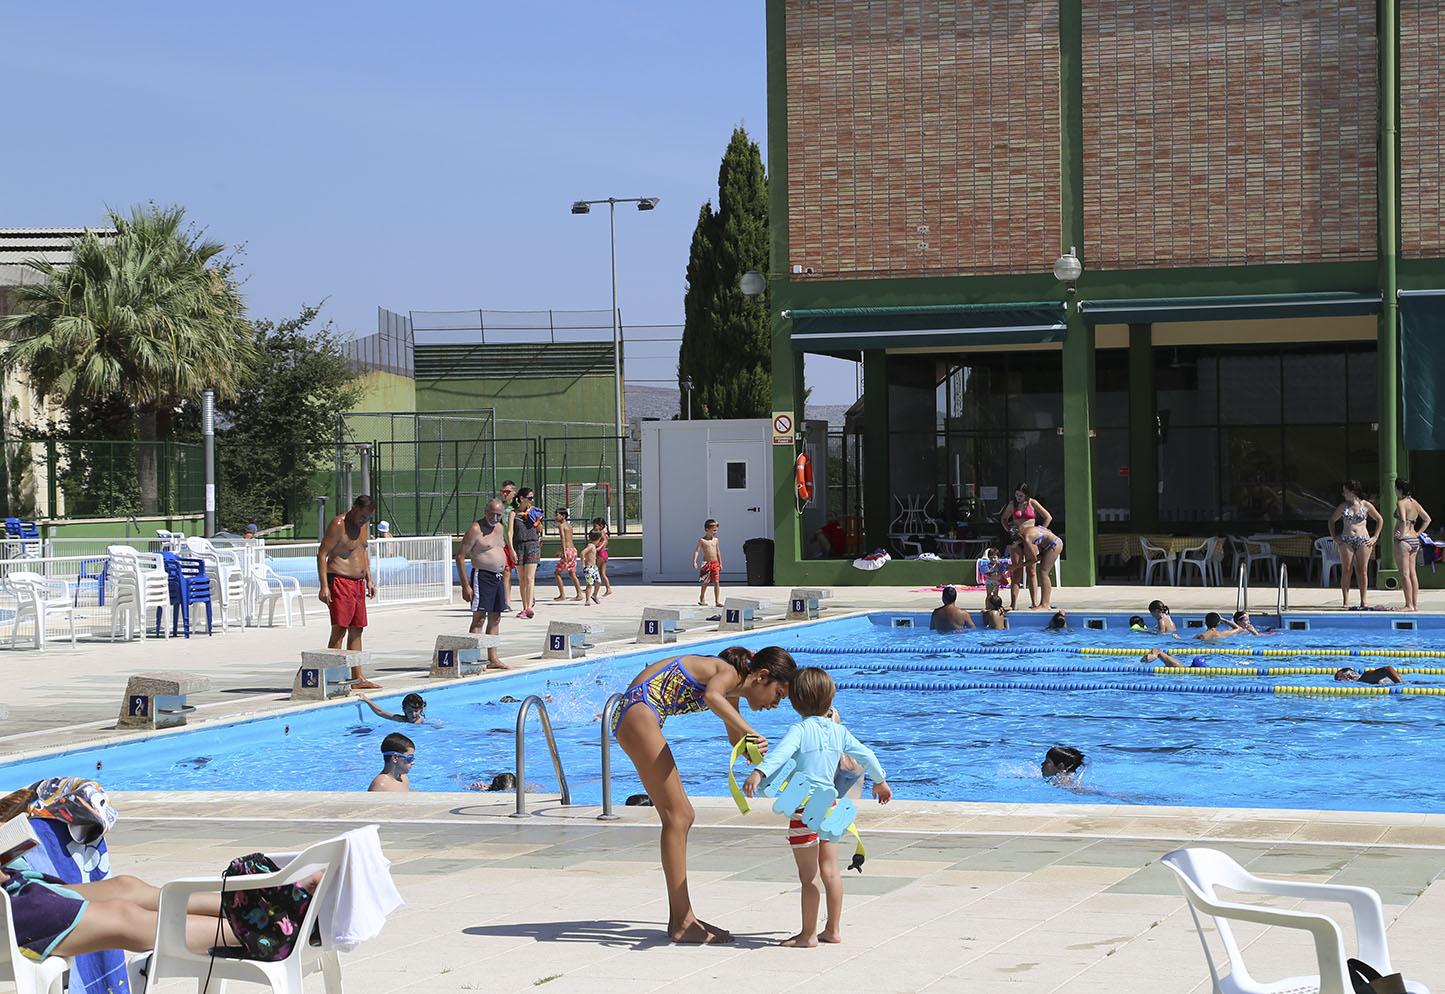 Diumenge tanca la temporada 2017 de la piscina municipal El Periòdic d'Ontinyent